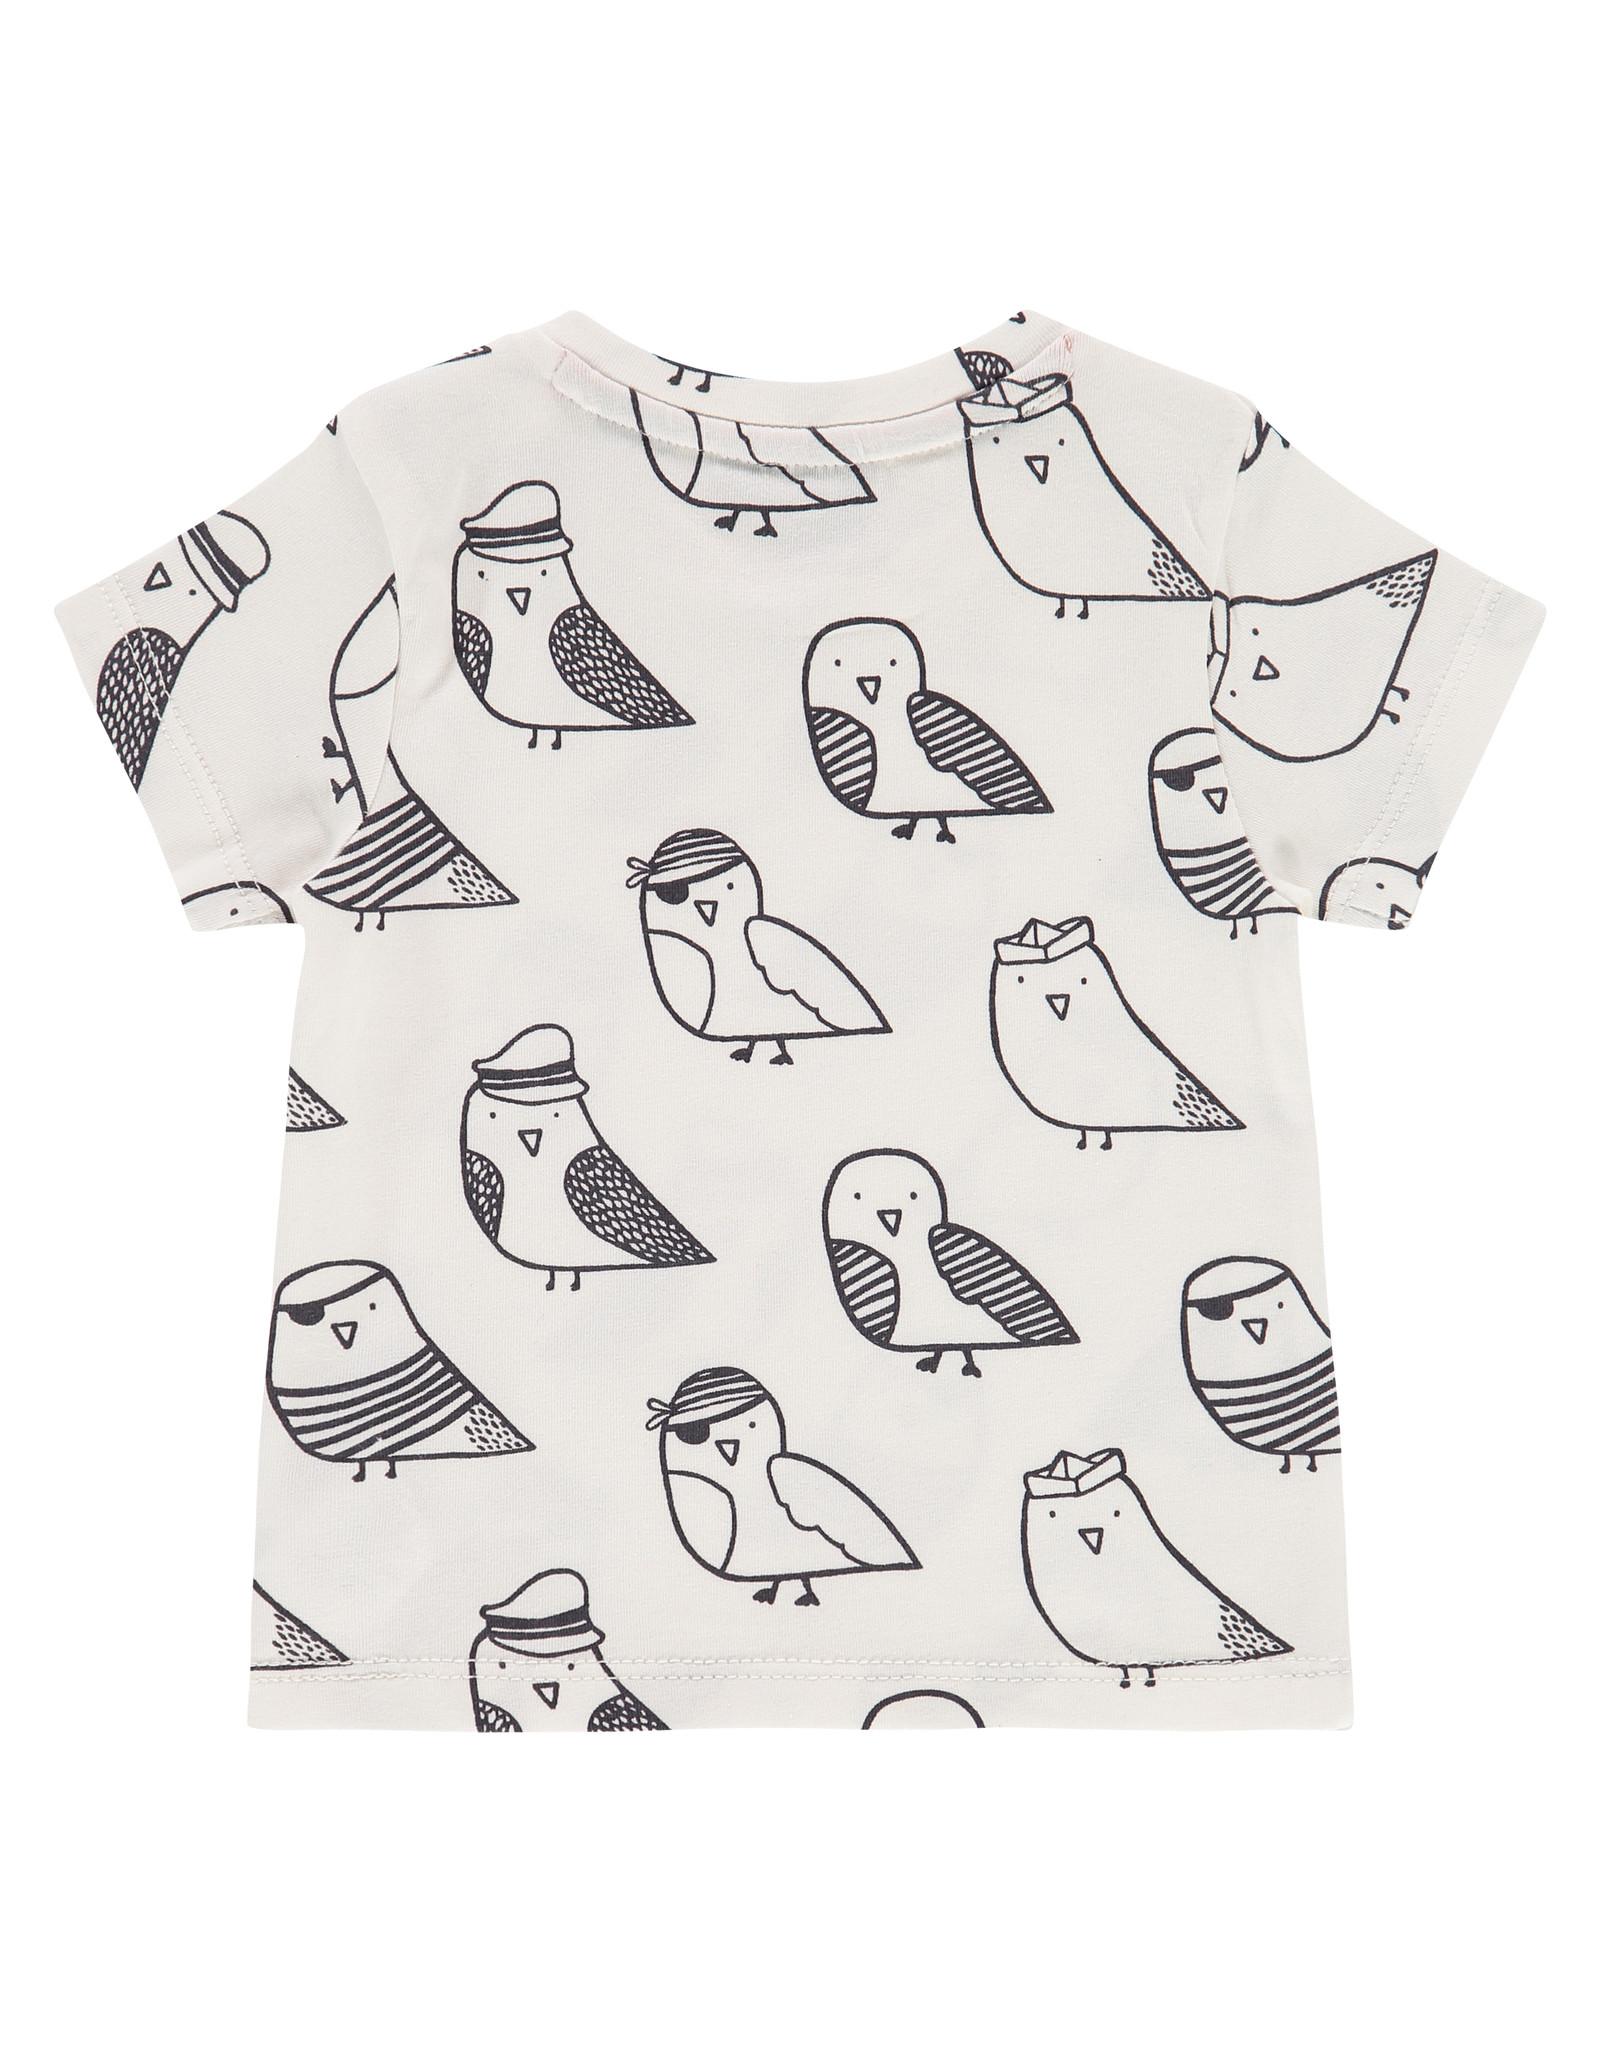 Babyface baby boys t-shirt short sleeve, off white, NWB21227653